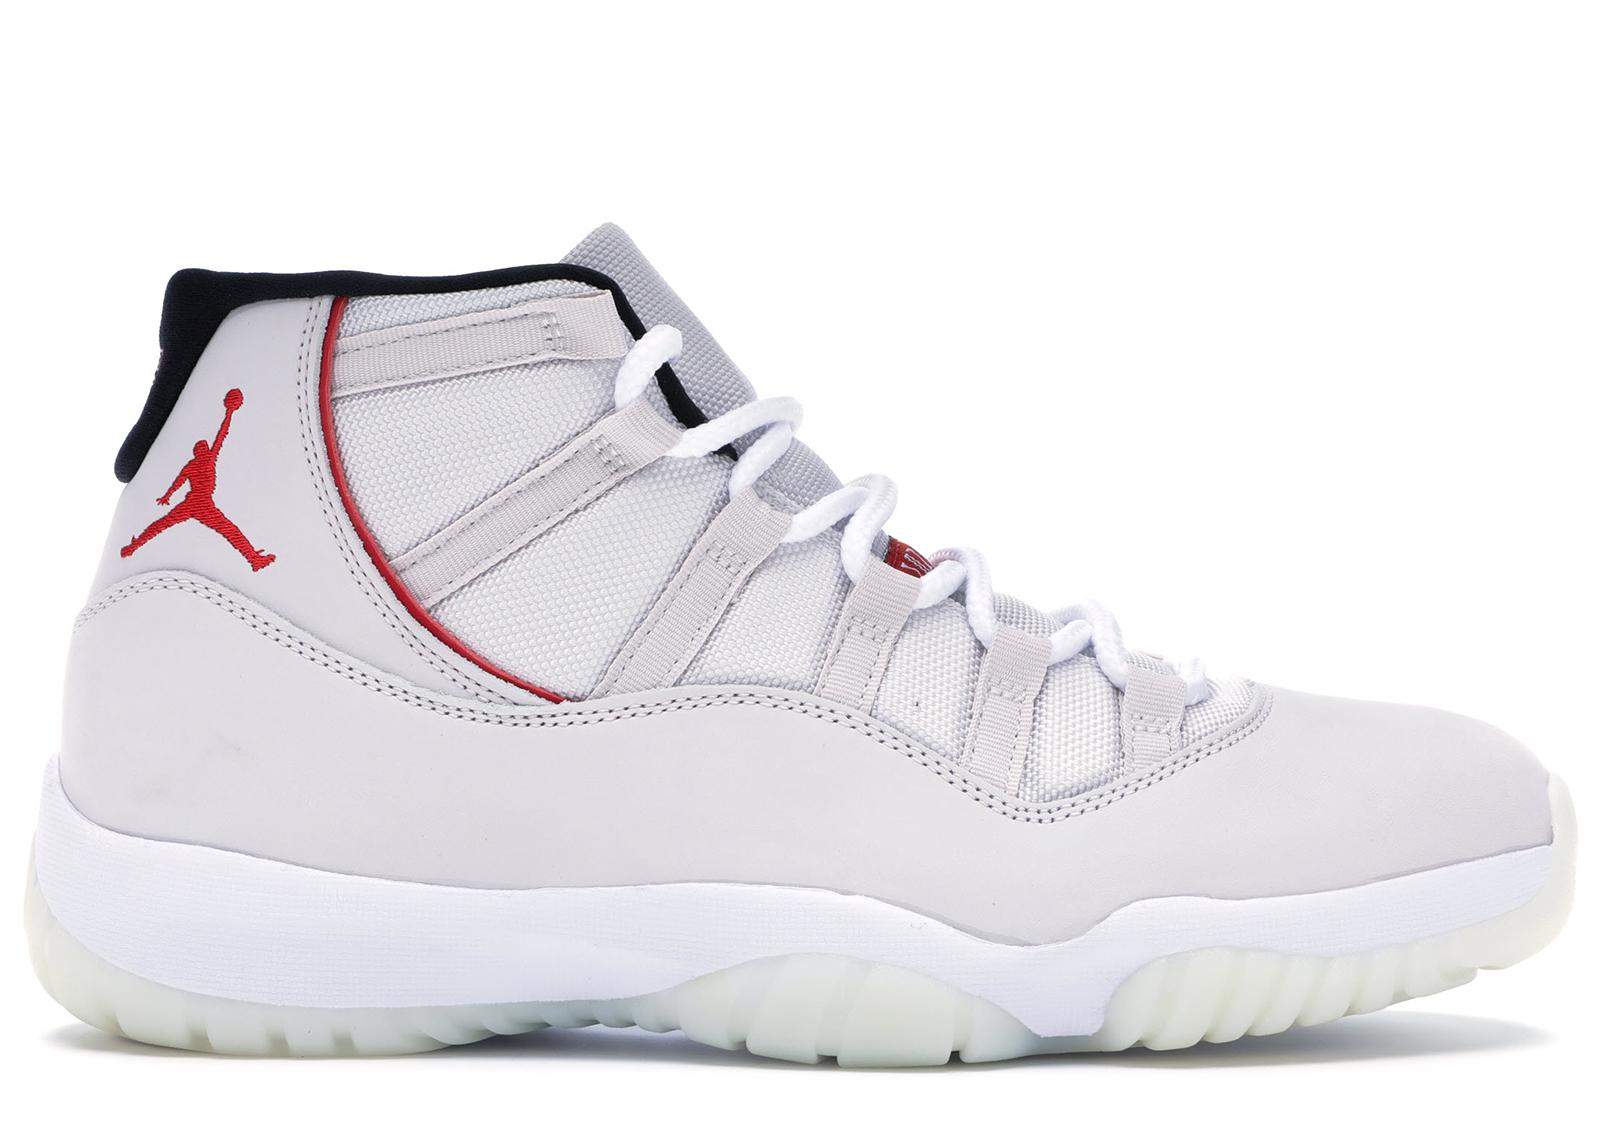 Jordan 11 Retro Platinum Tint - 378037-016